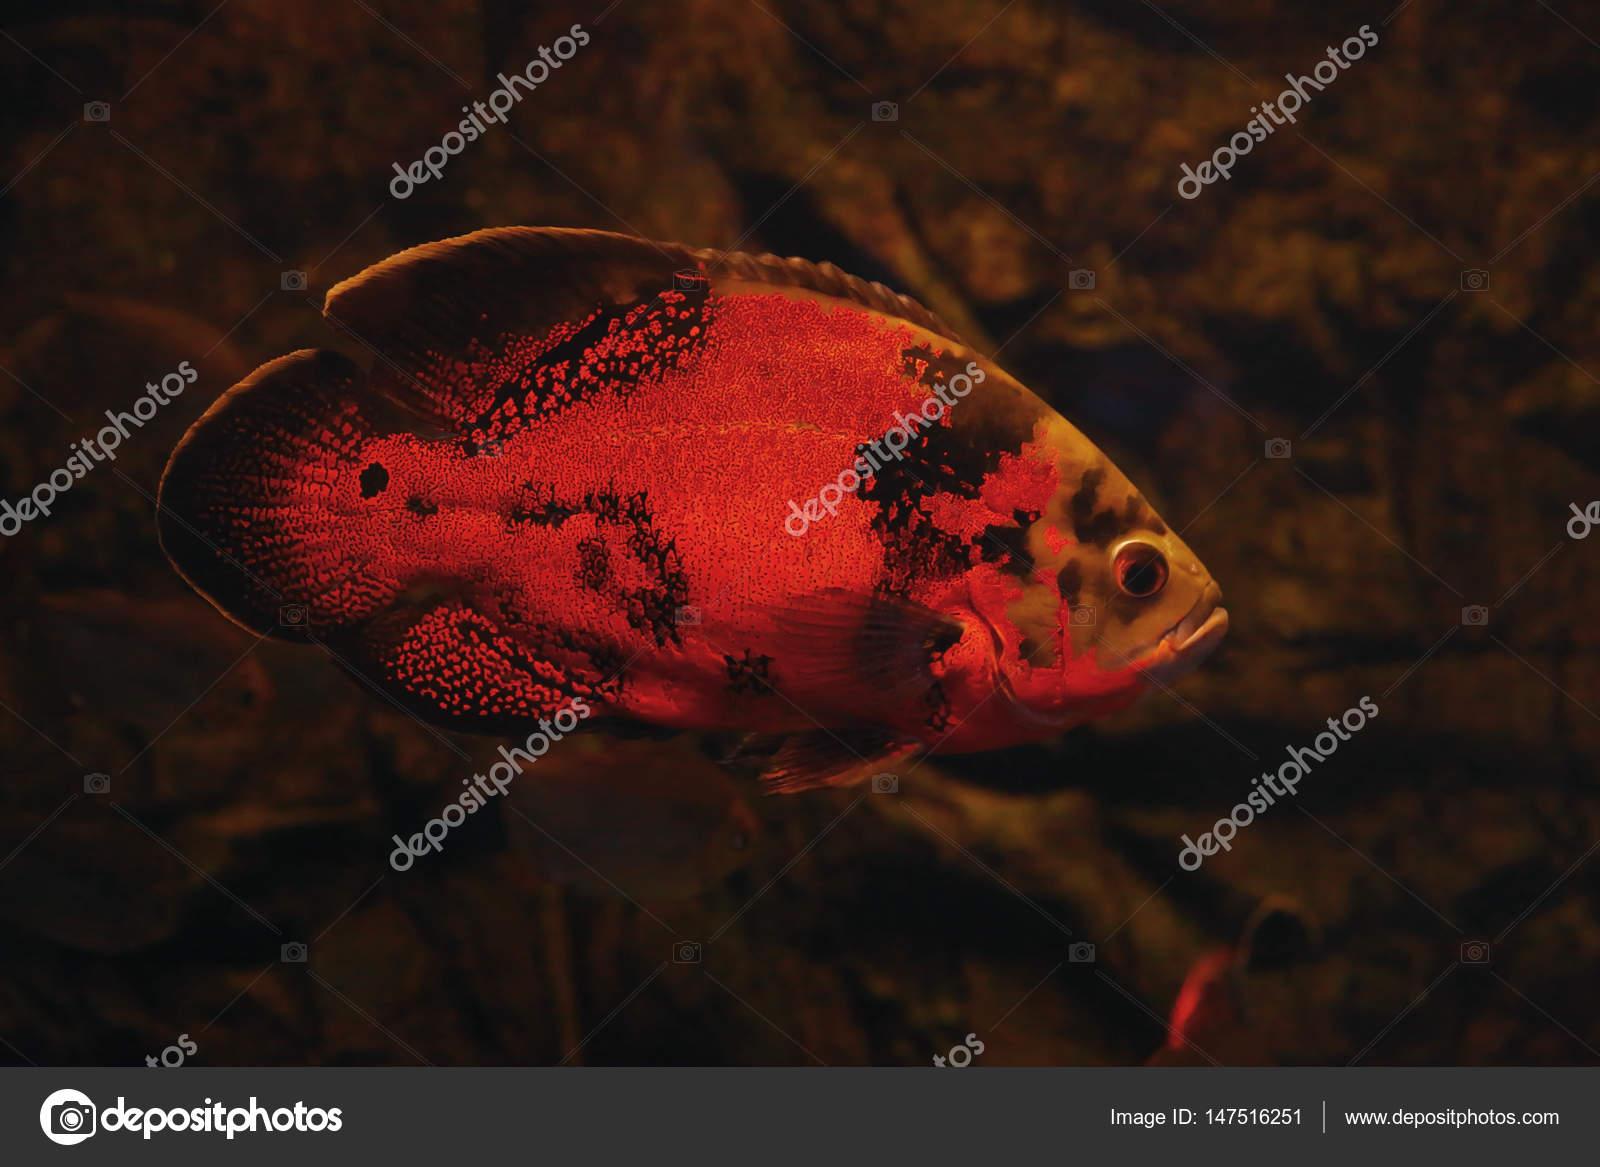 exotische s wasserfische im aquarium stockfoto. Black Bedroom Furniture Sets. Home Design Ideas